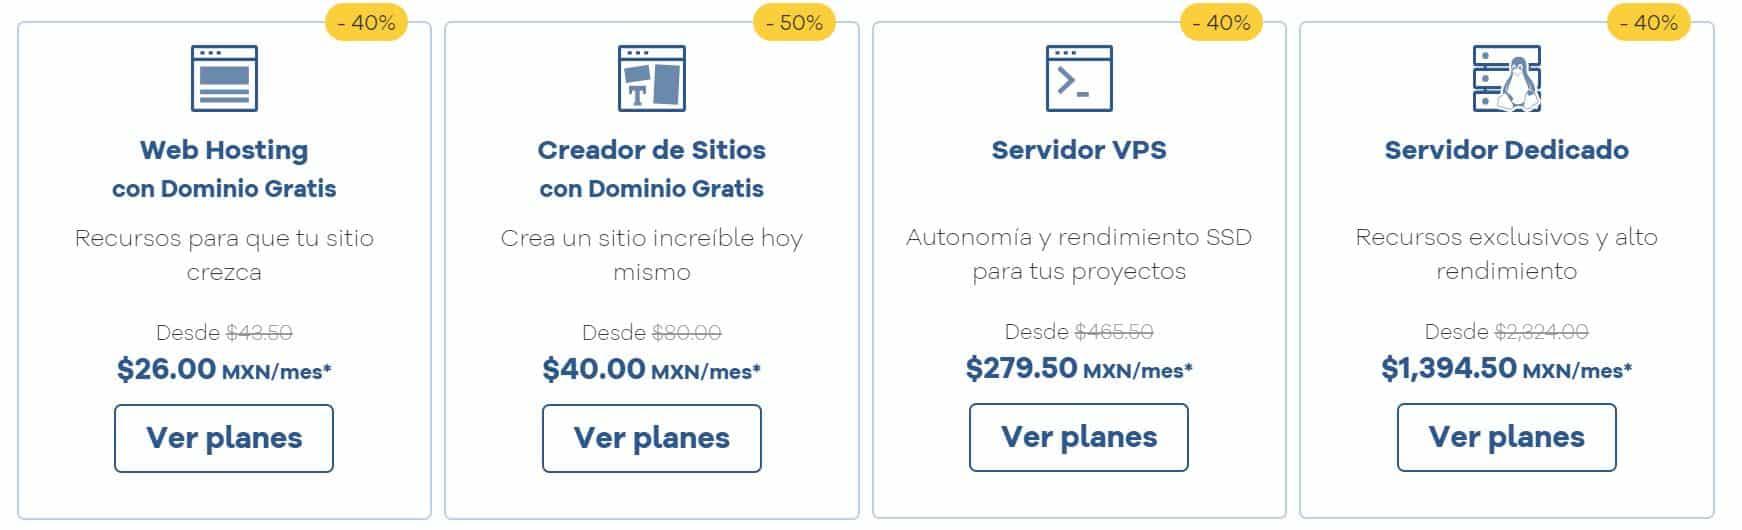 Existen diferentes planes de hosting México adaptados a los usuarios.